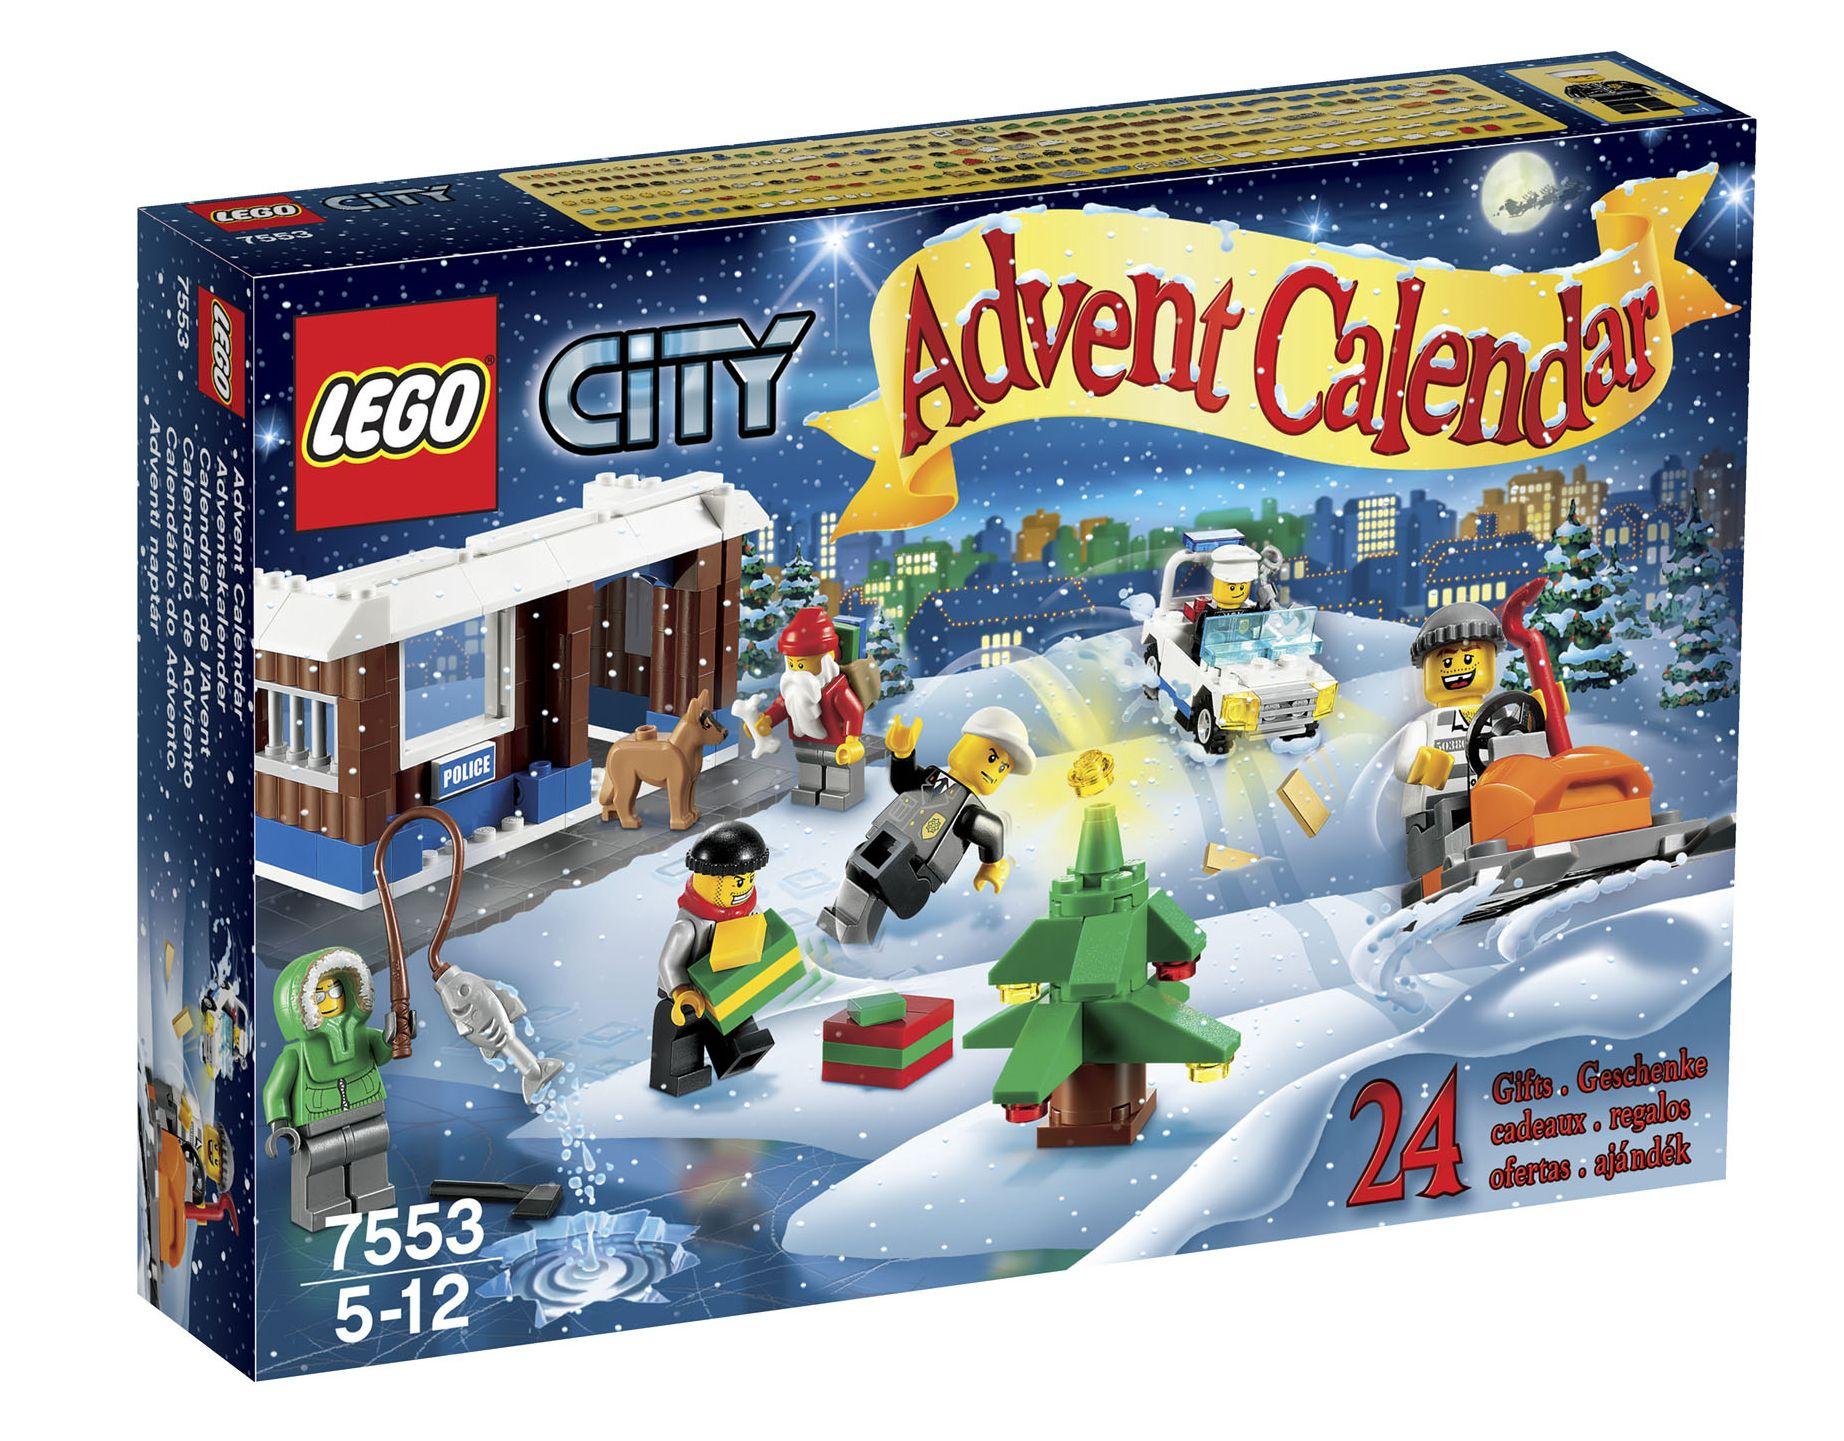 Advent Calendar Lego : Lego city advent calendar i brick